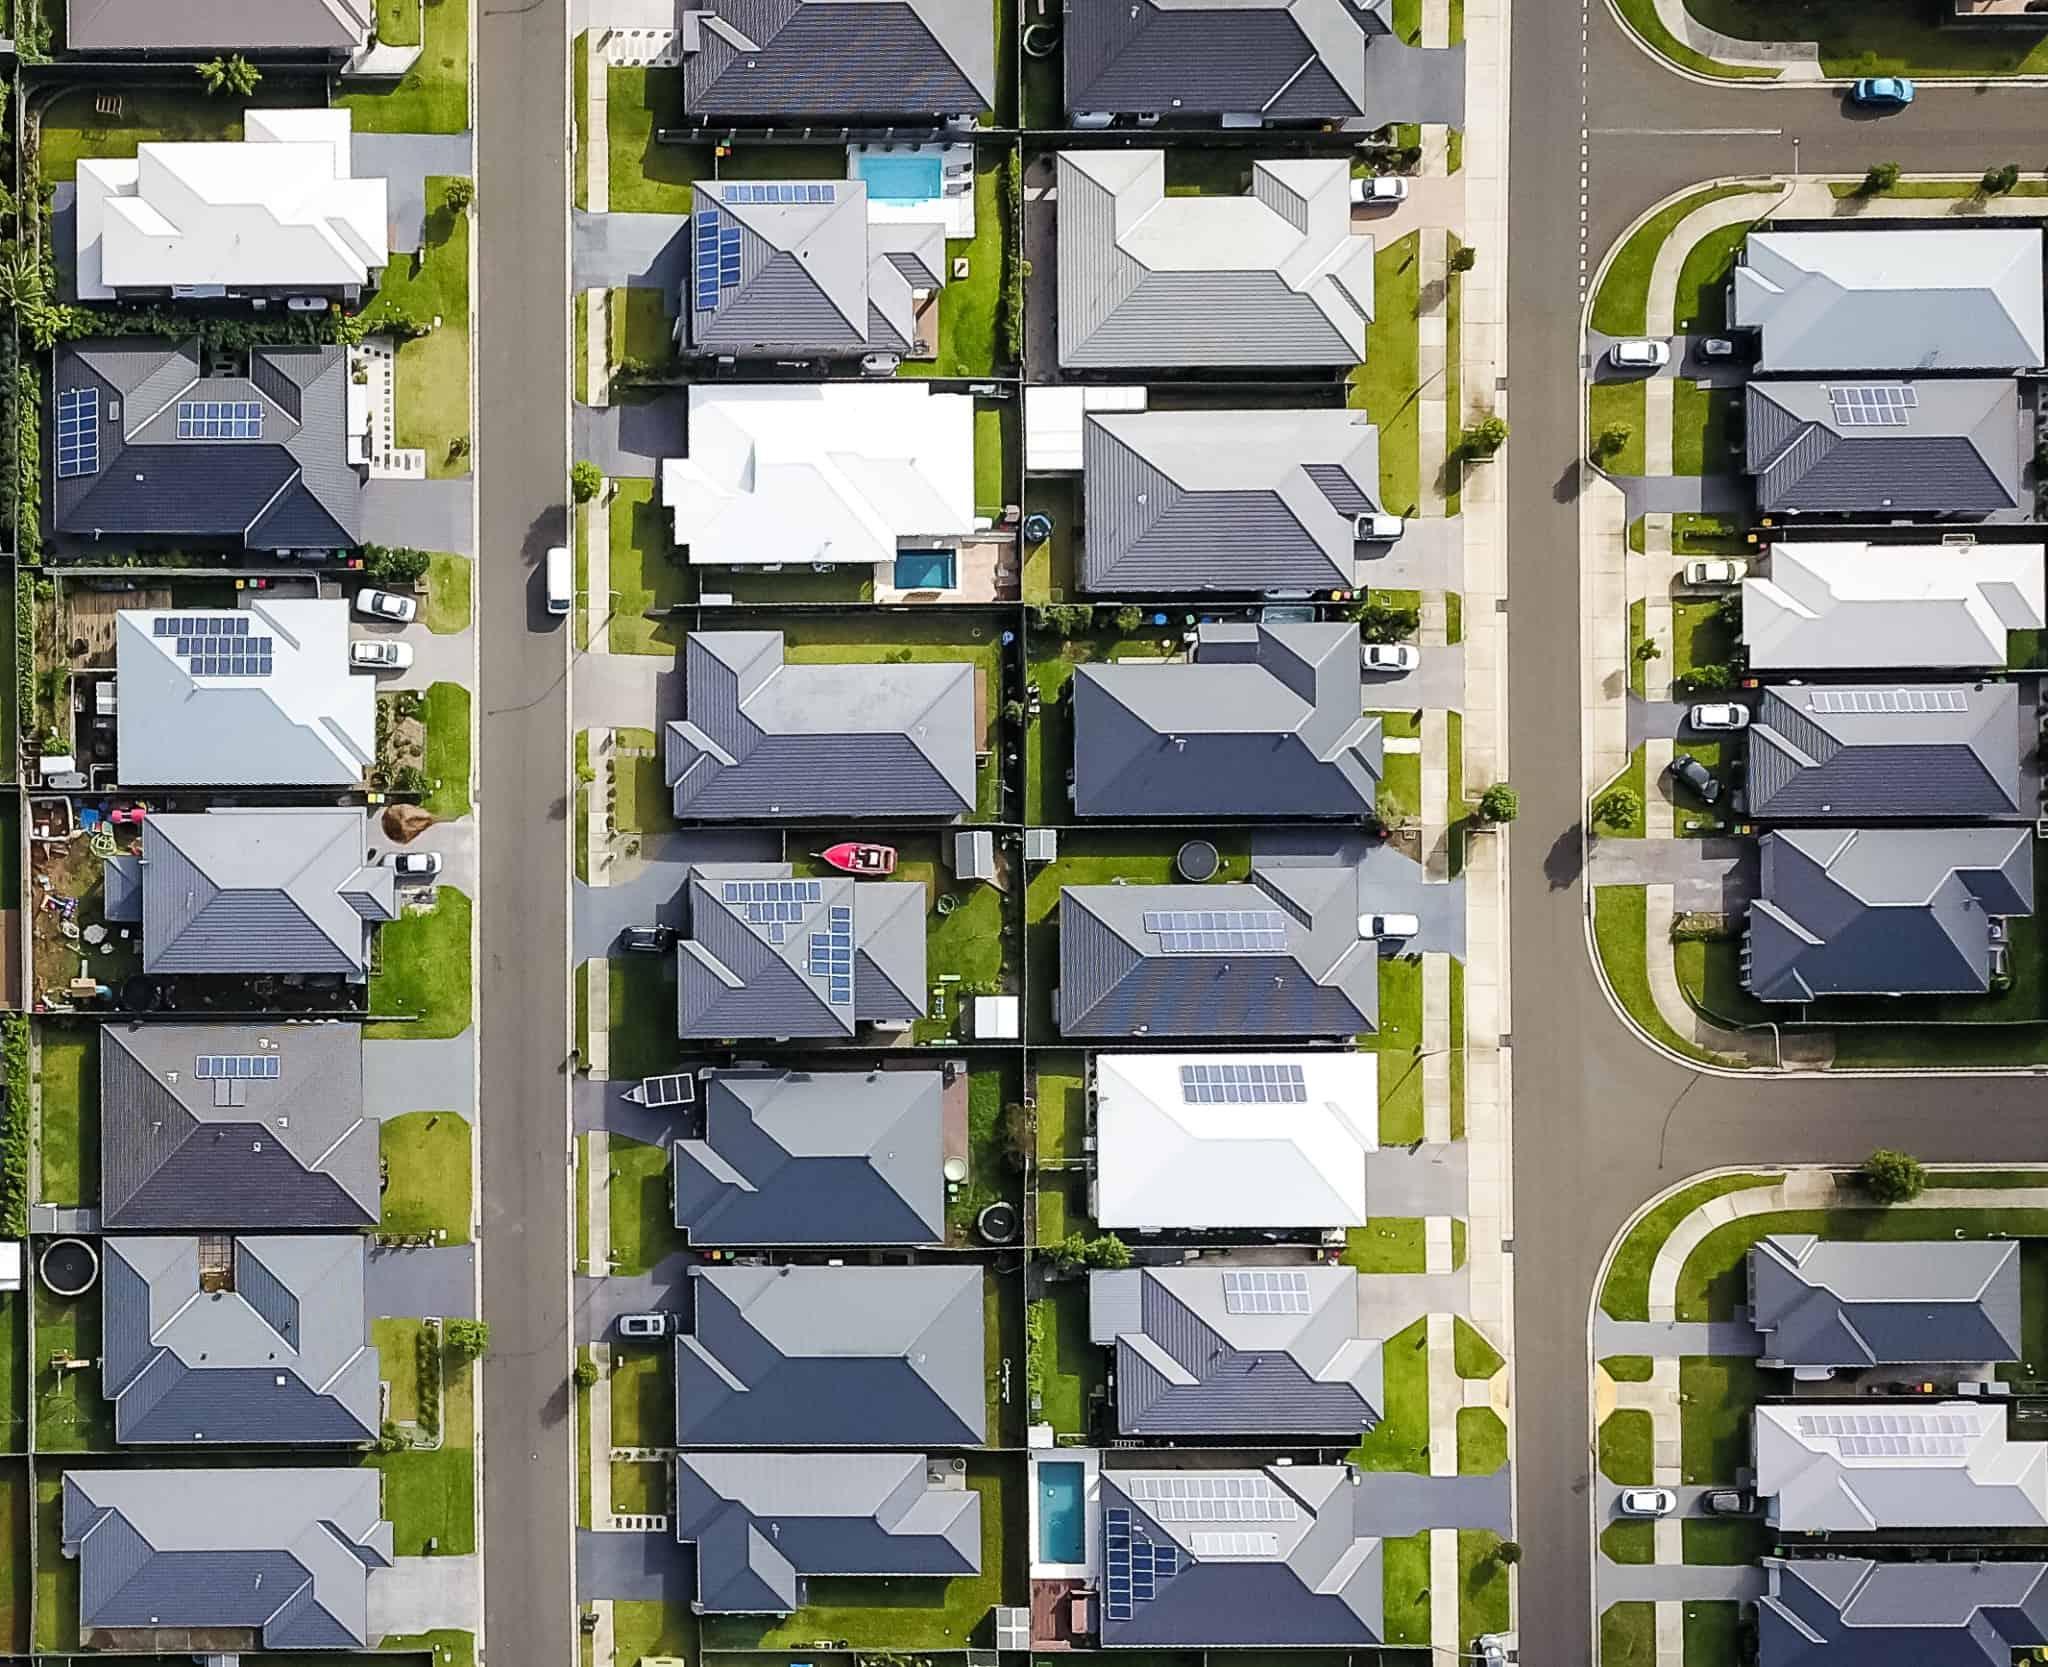 bairro com moradias todas iguais